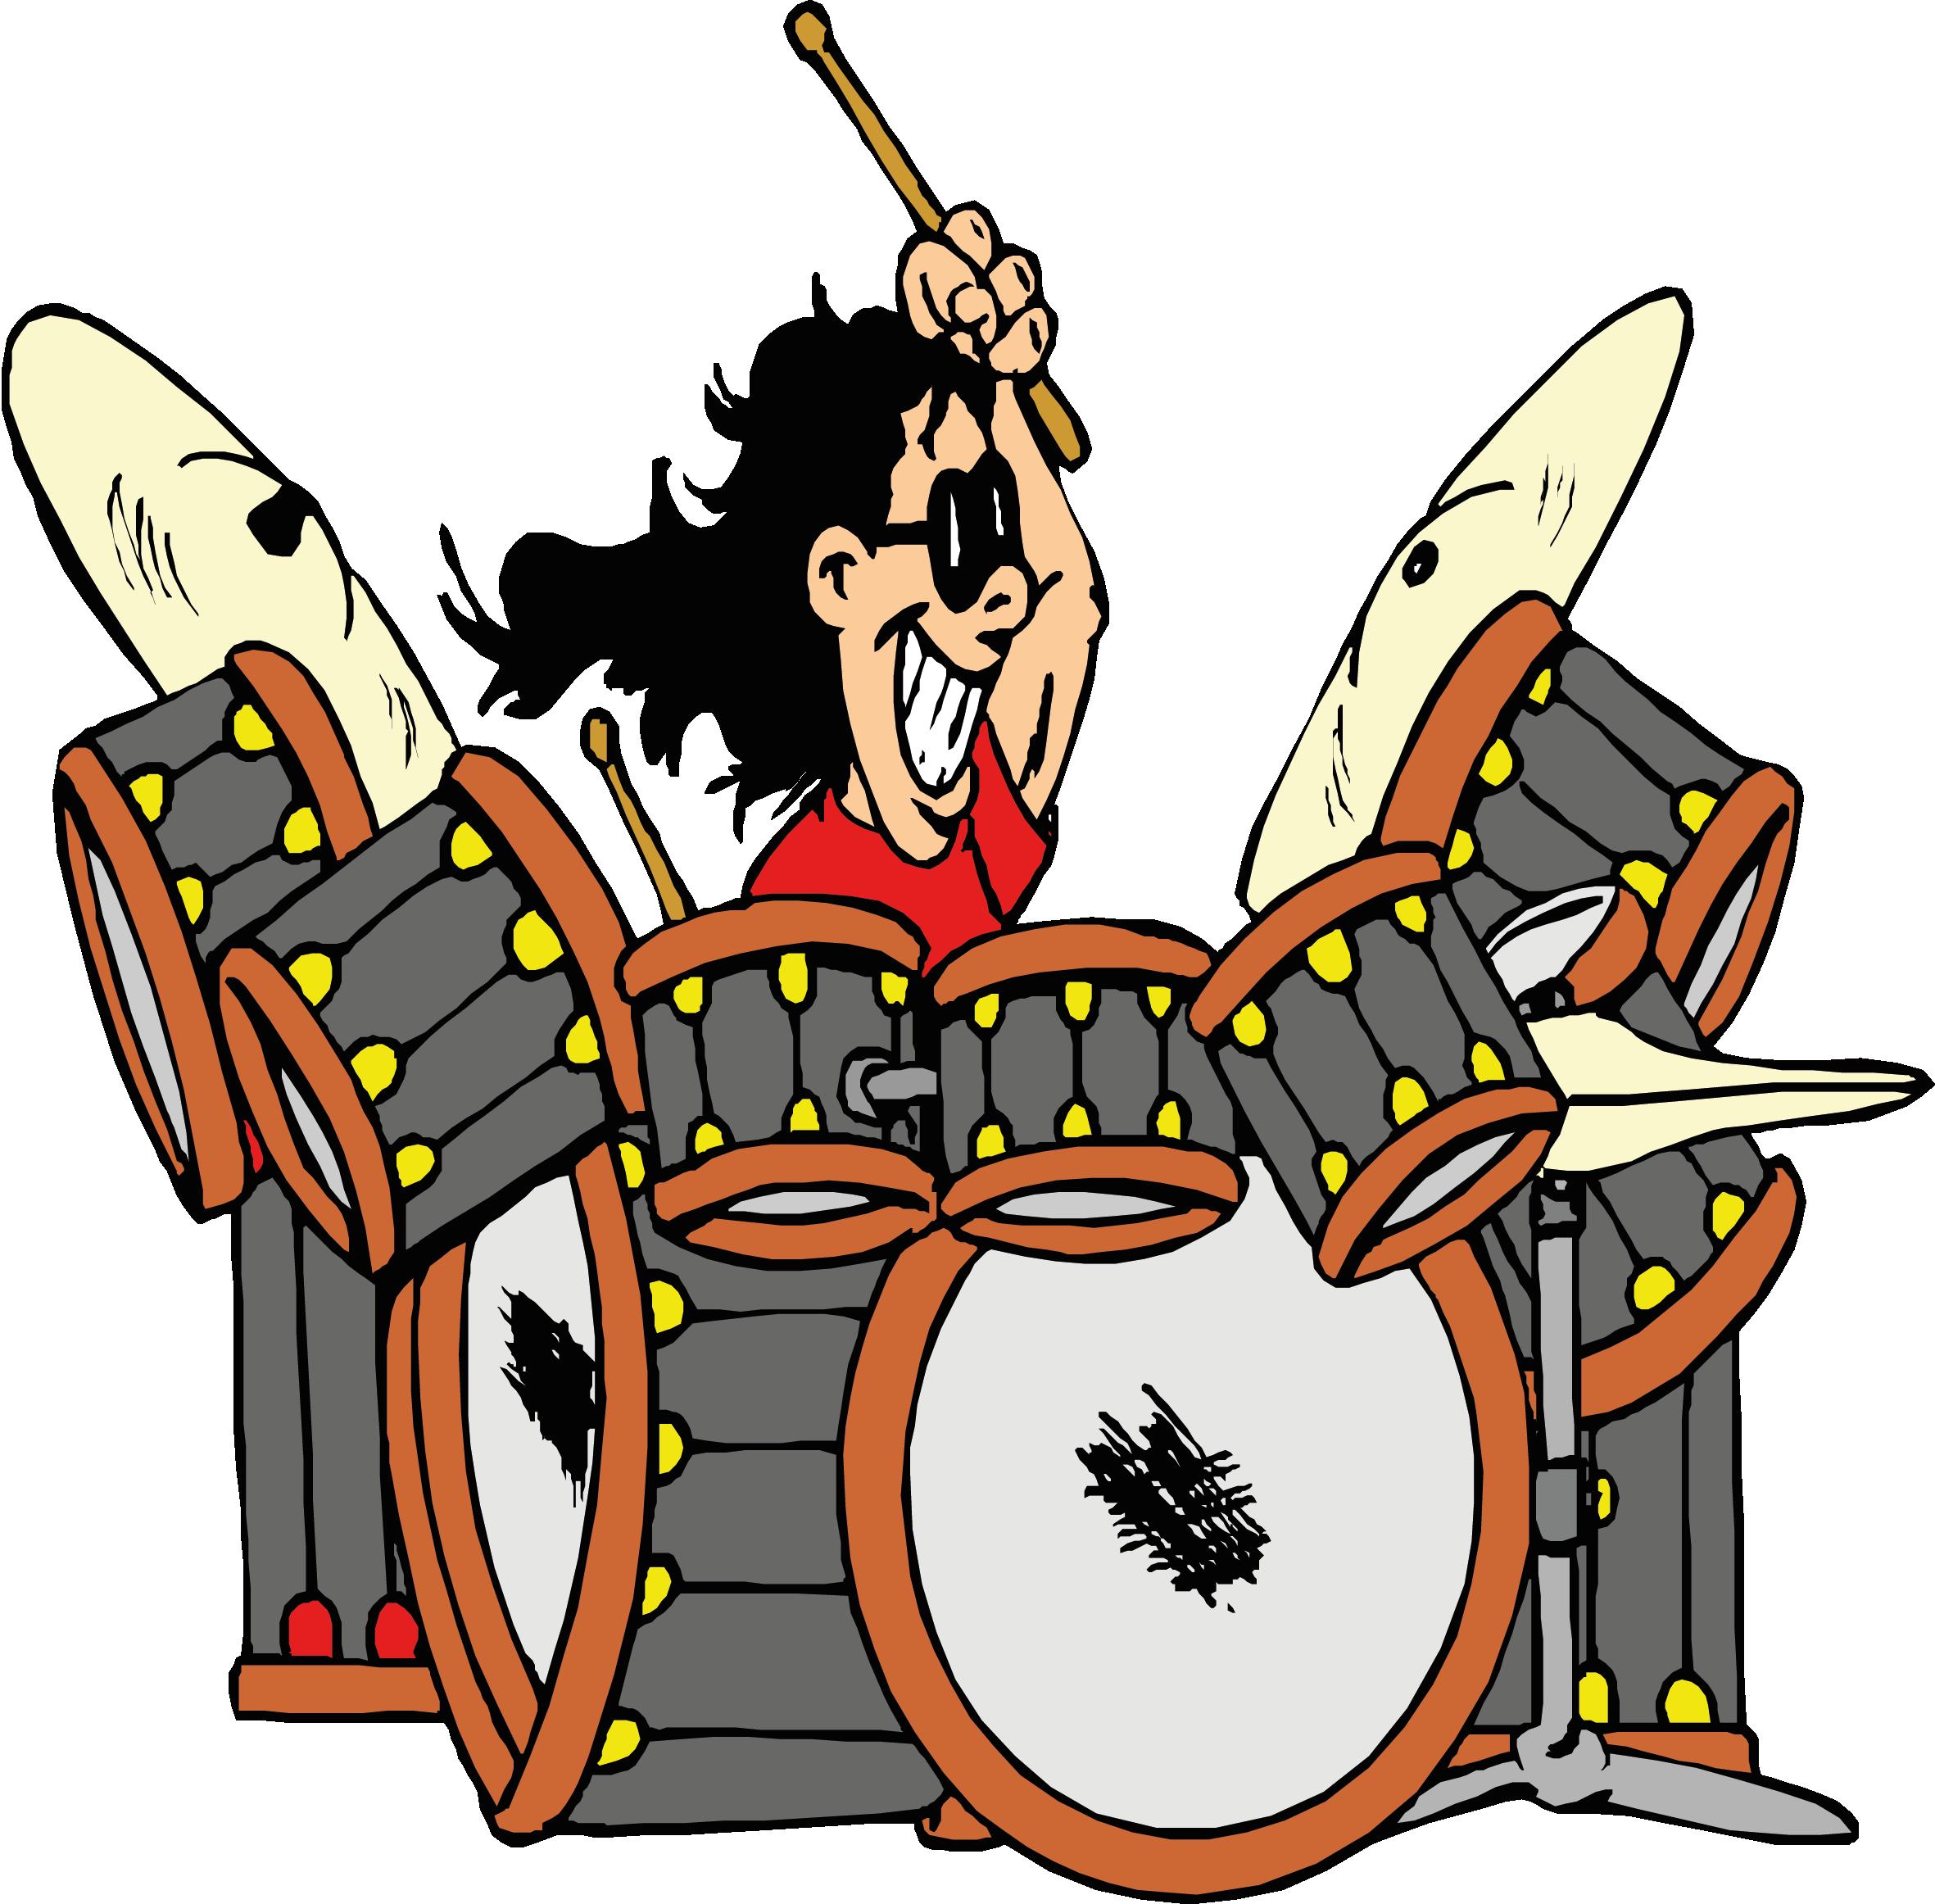 drums clipart comic